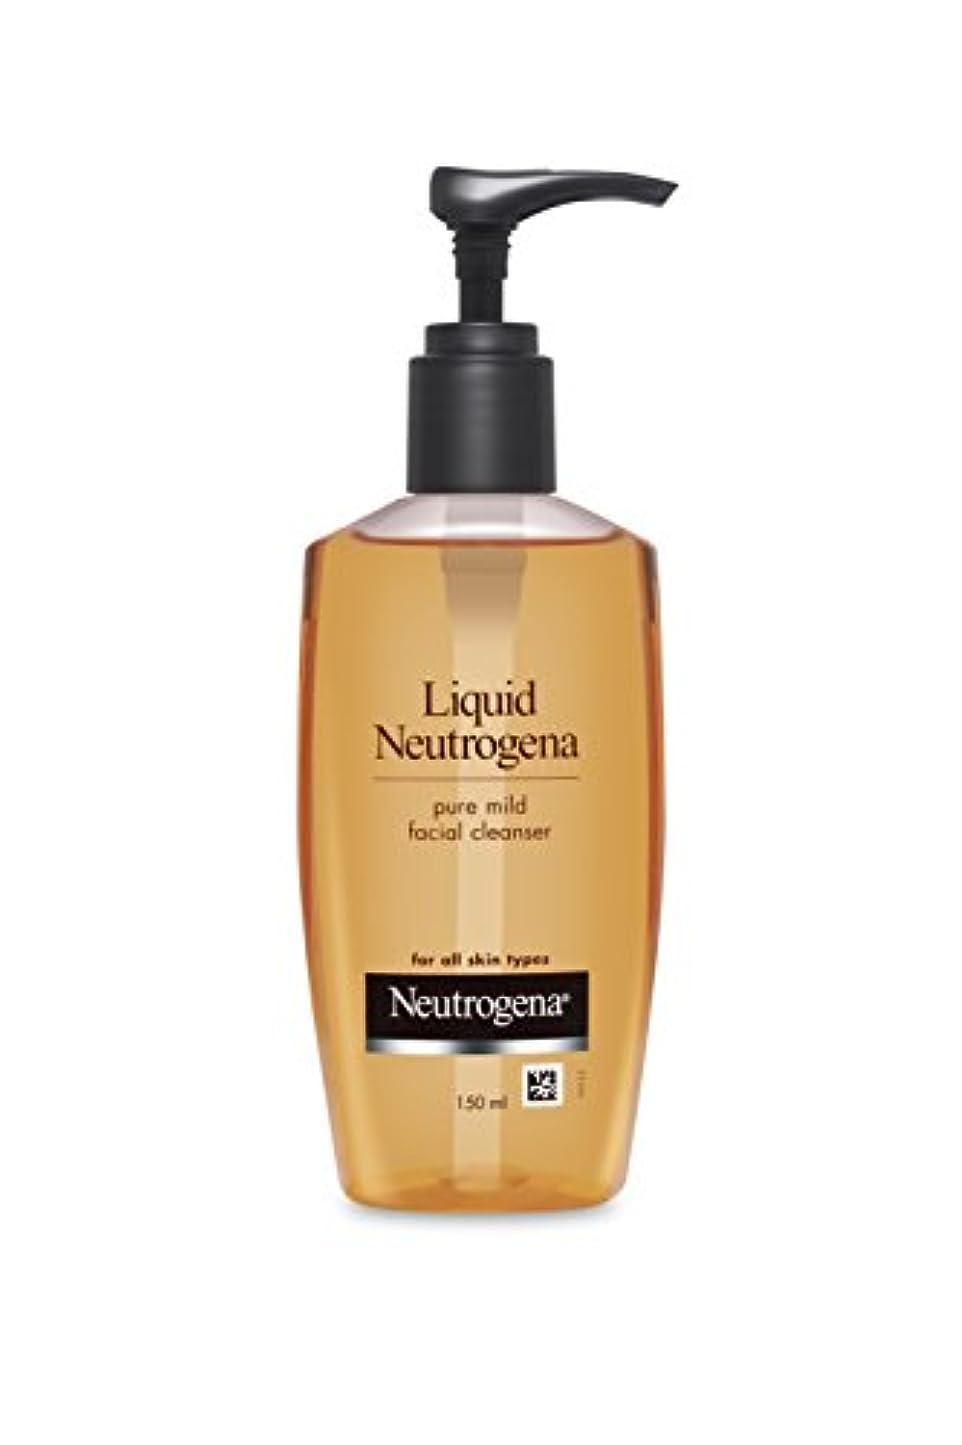 難しいベリ背の高いLiquid Neutrogena (Mild Facial Cleanser), 150ml